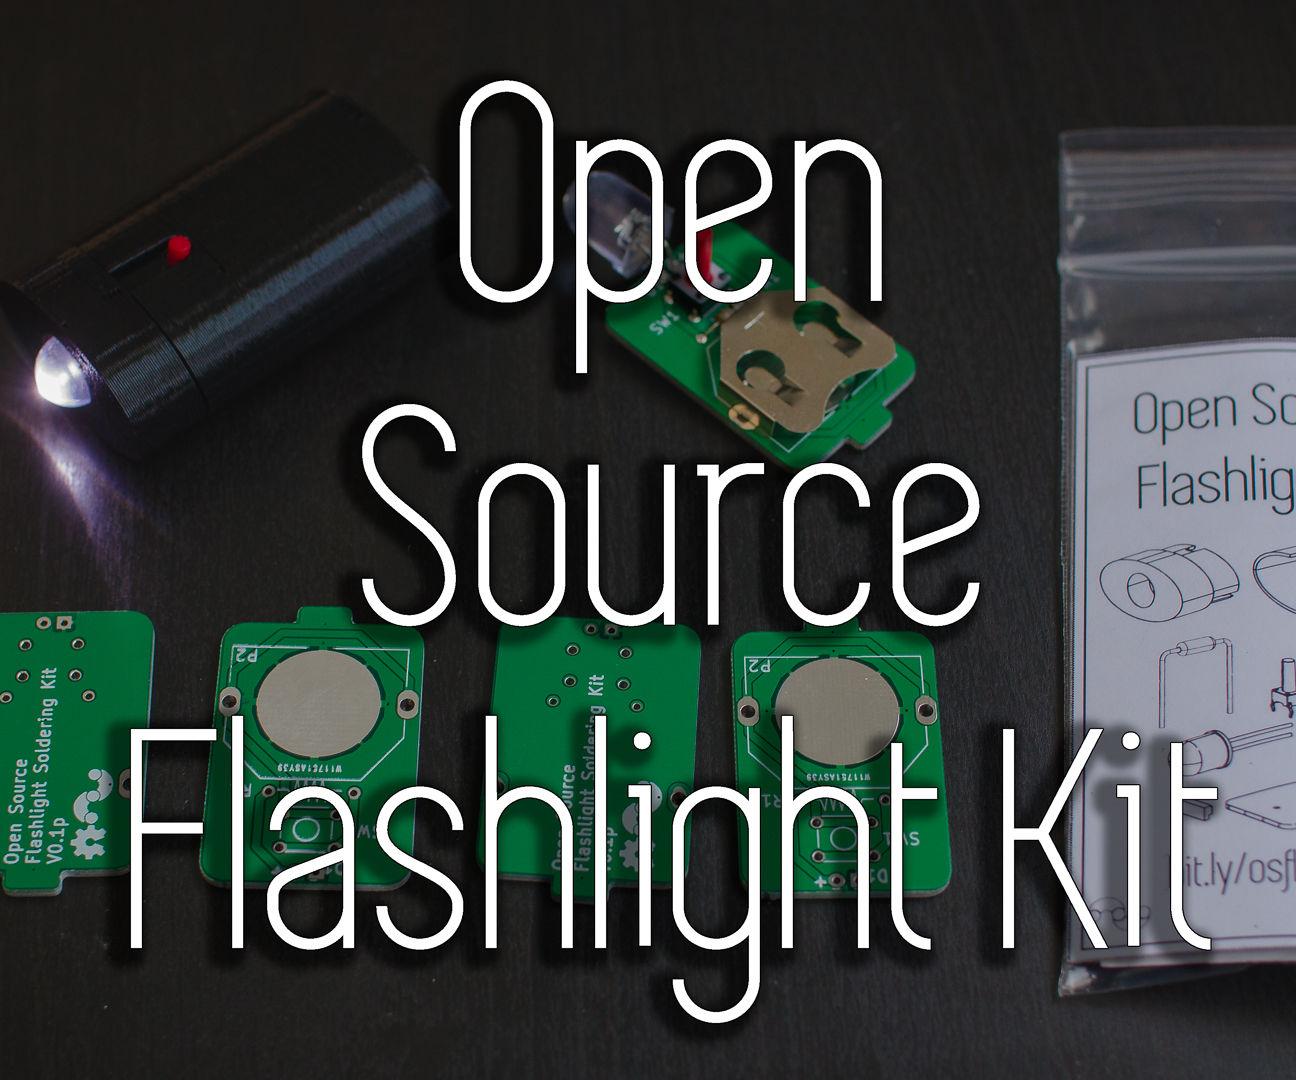 Open Source Flashlight Kit